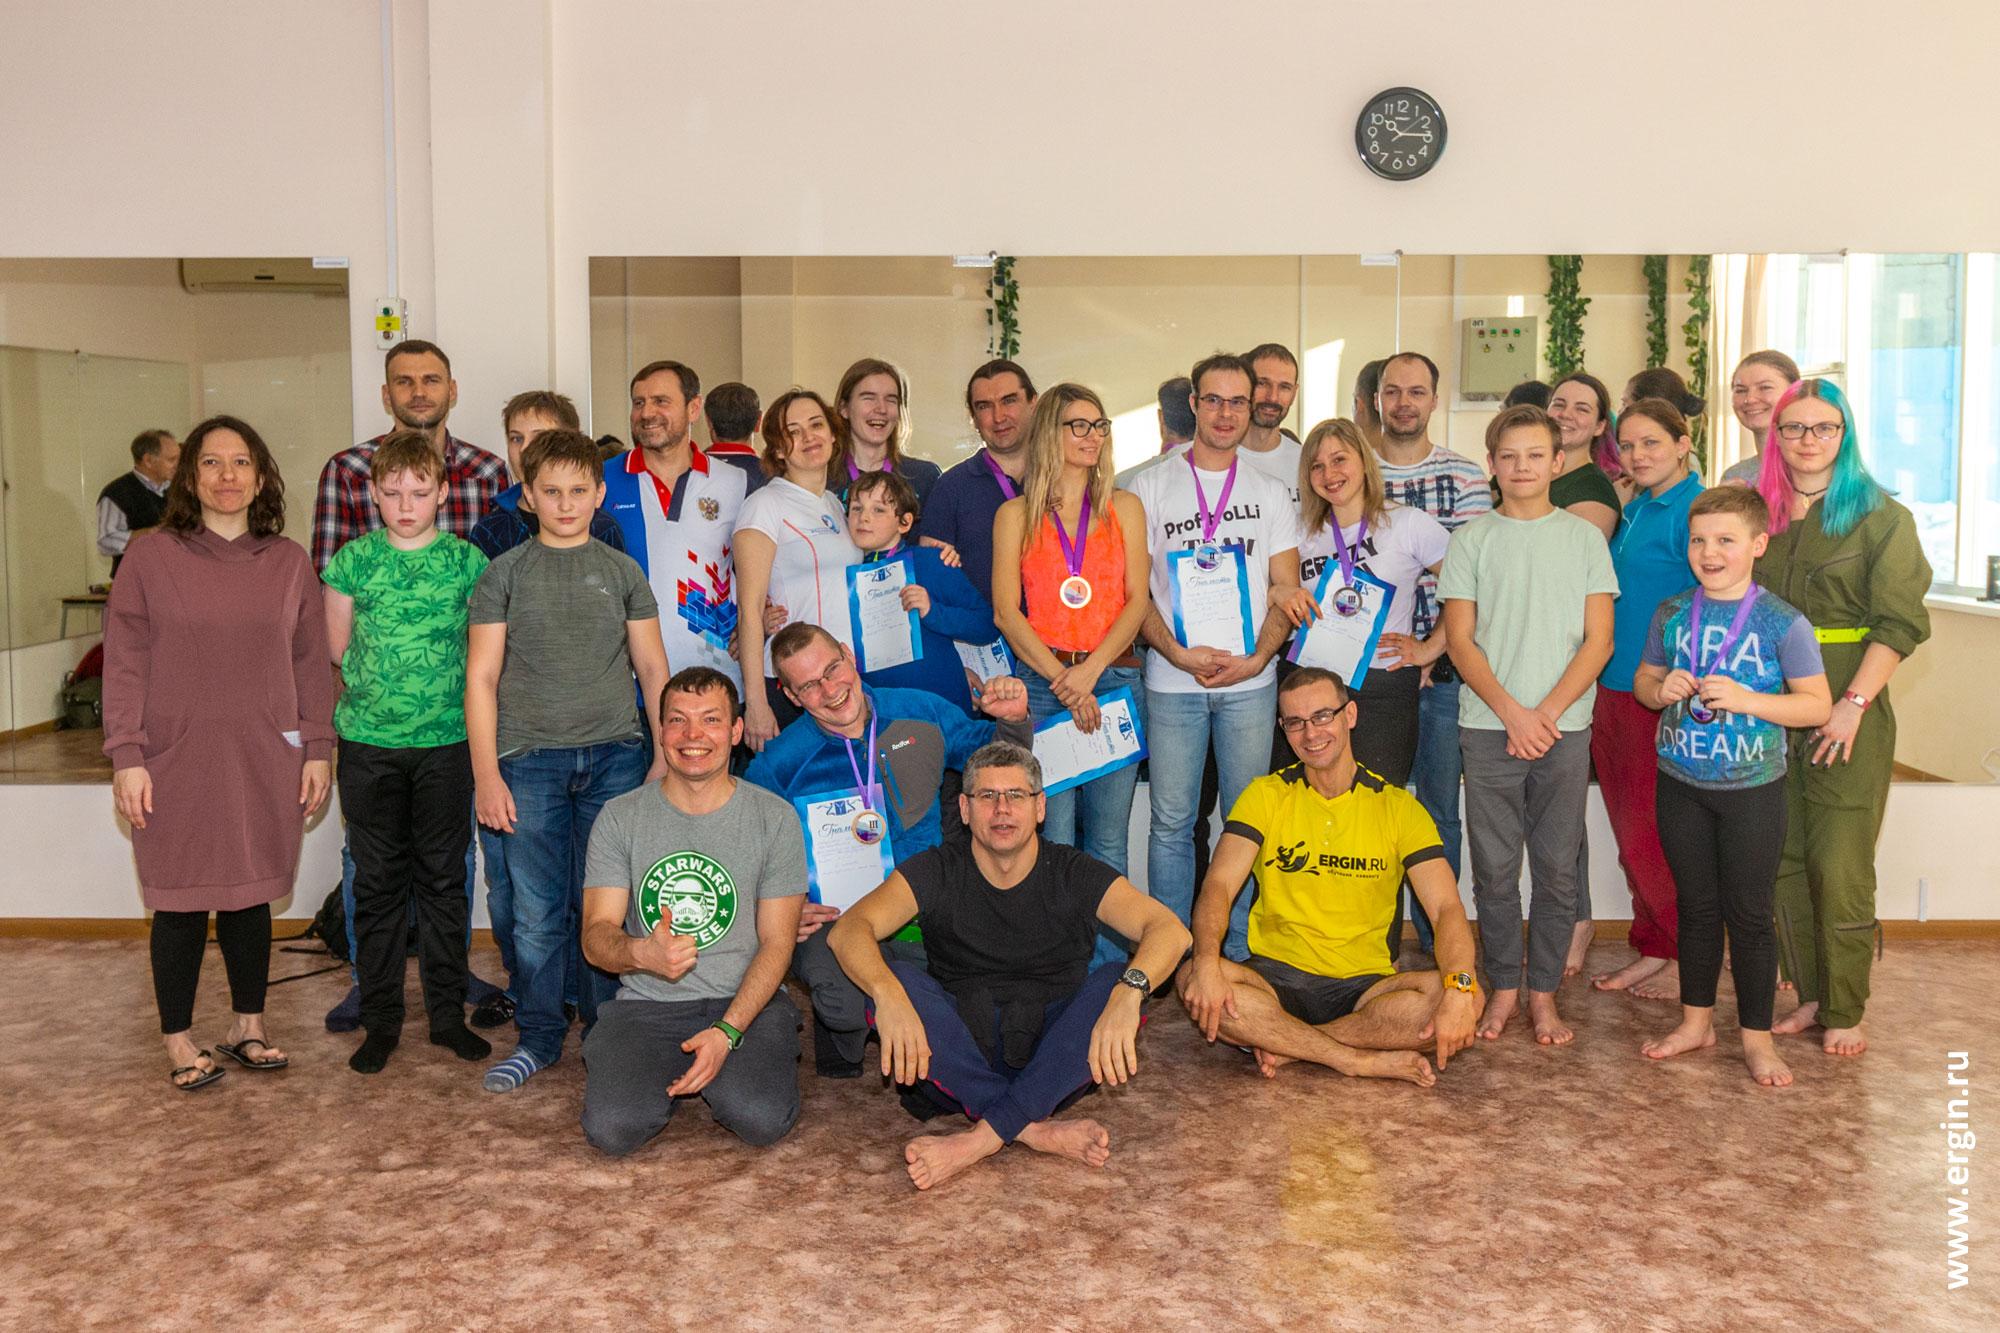 Каякеры - участники Кубка Саратовской области по фристайлу на бурной воде